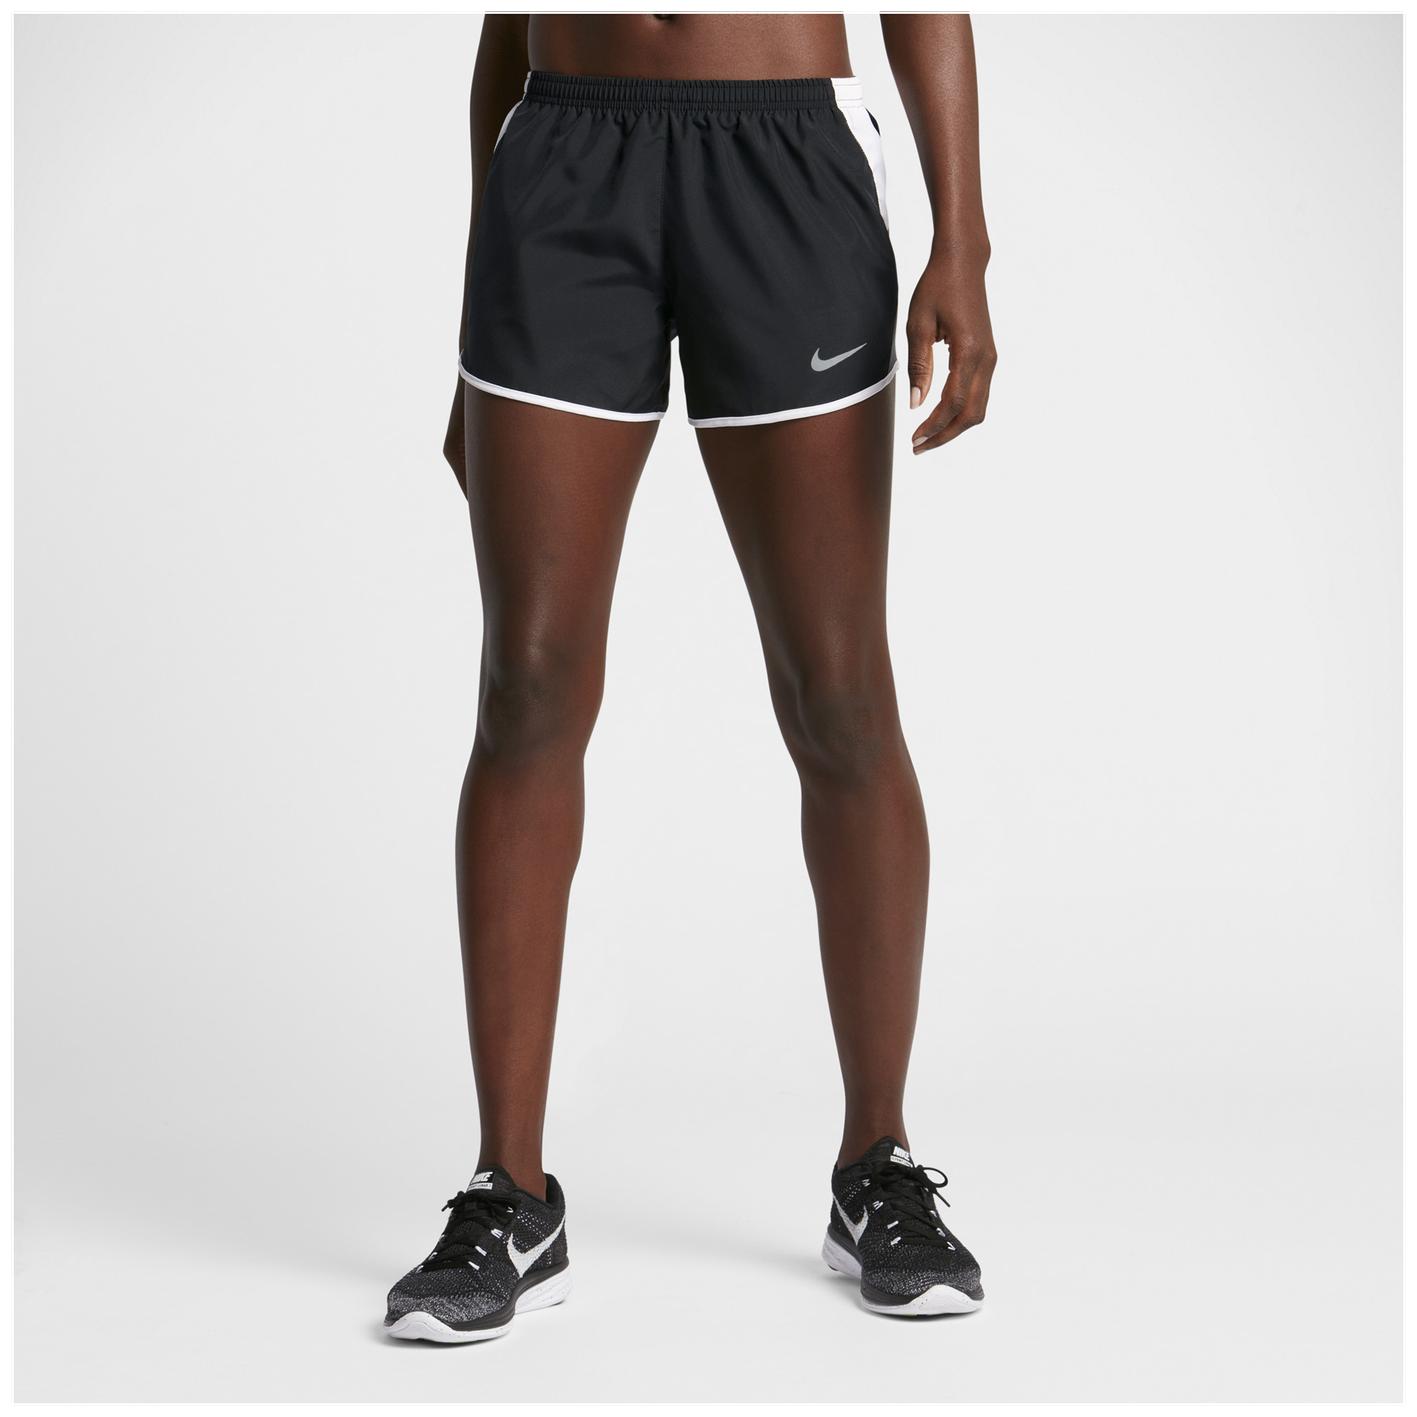 d4470fc5b0 Nike Dri-FIT 3.5